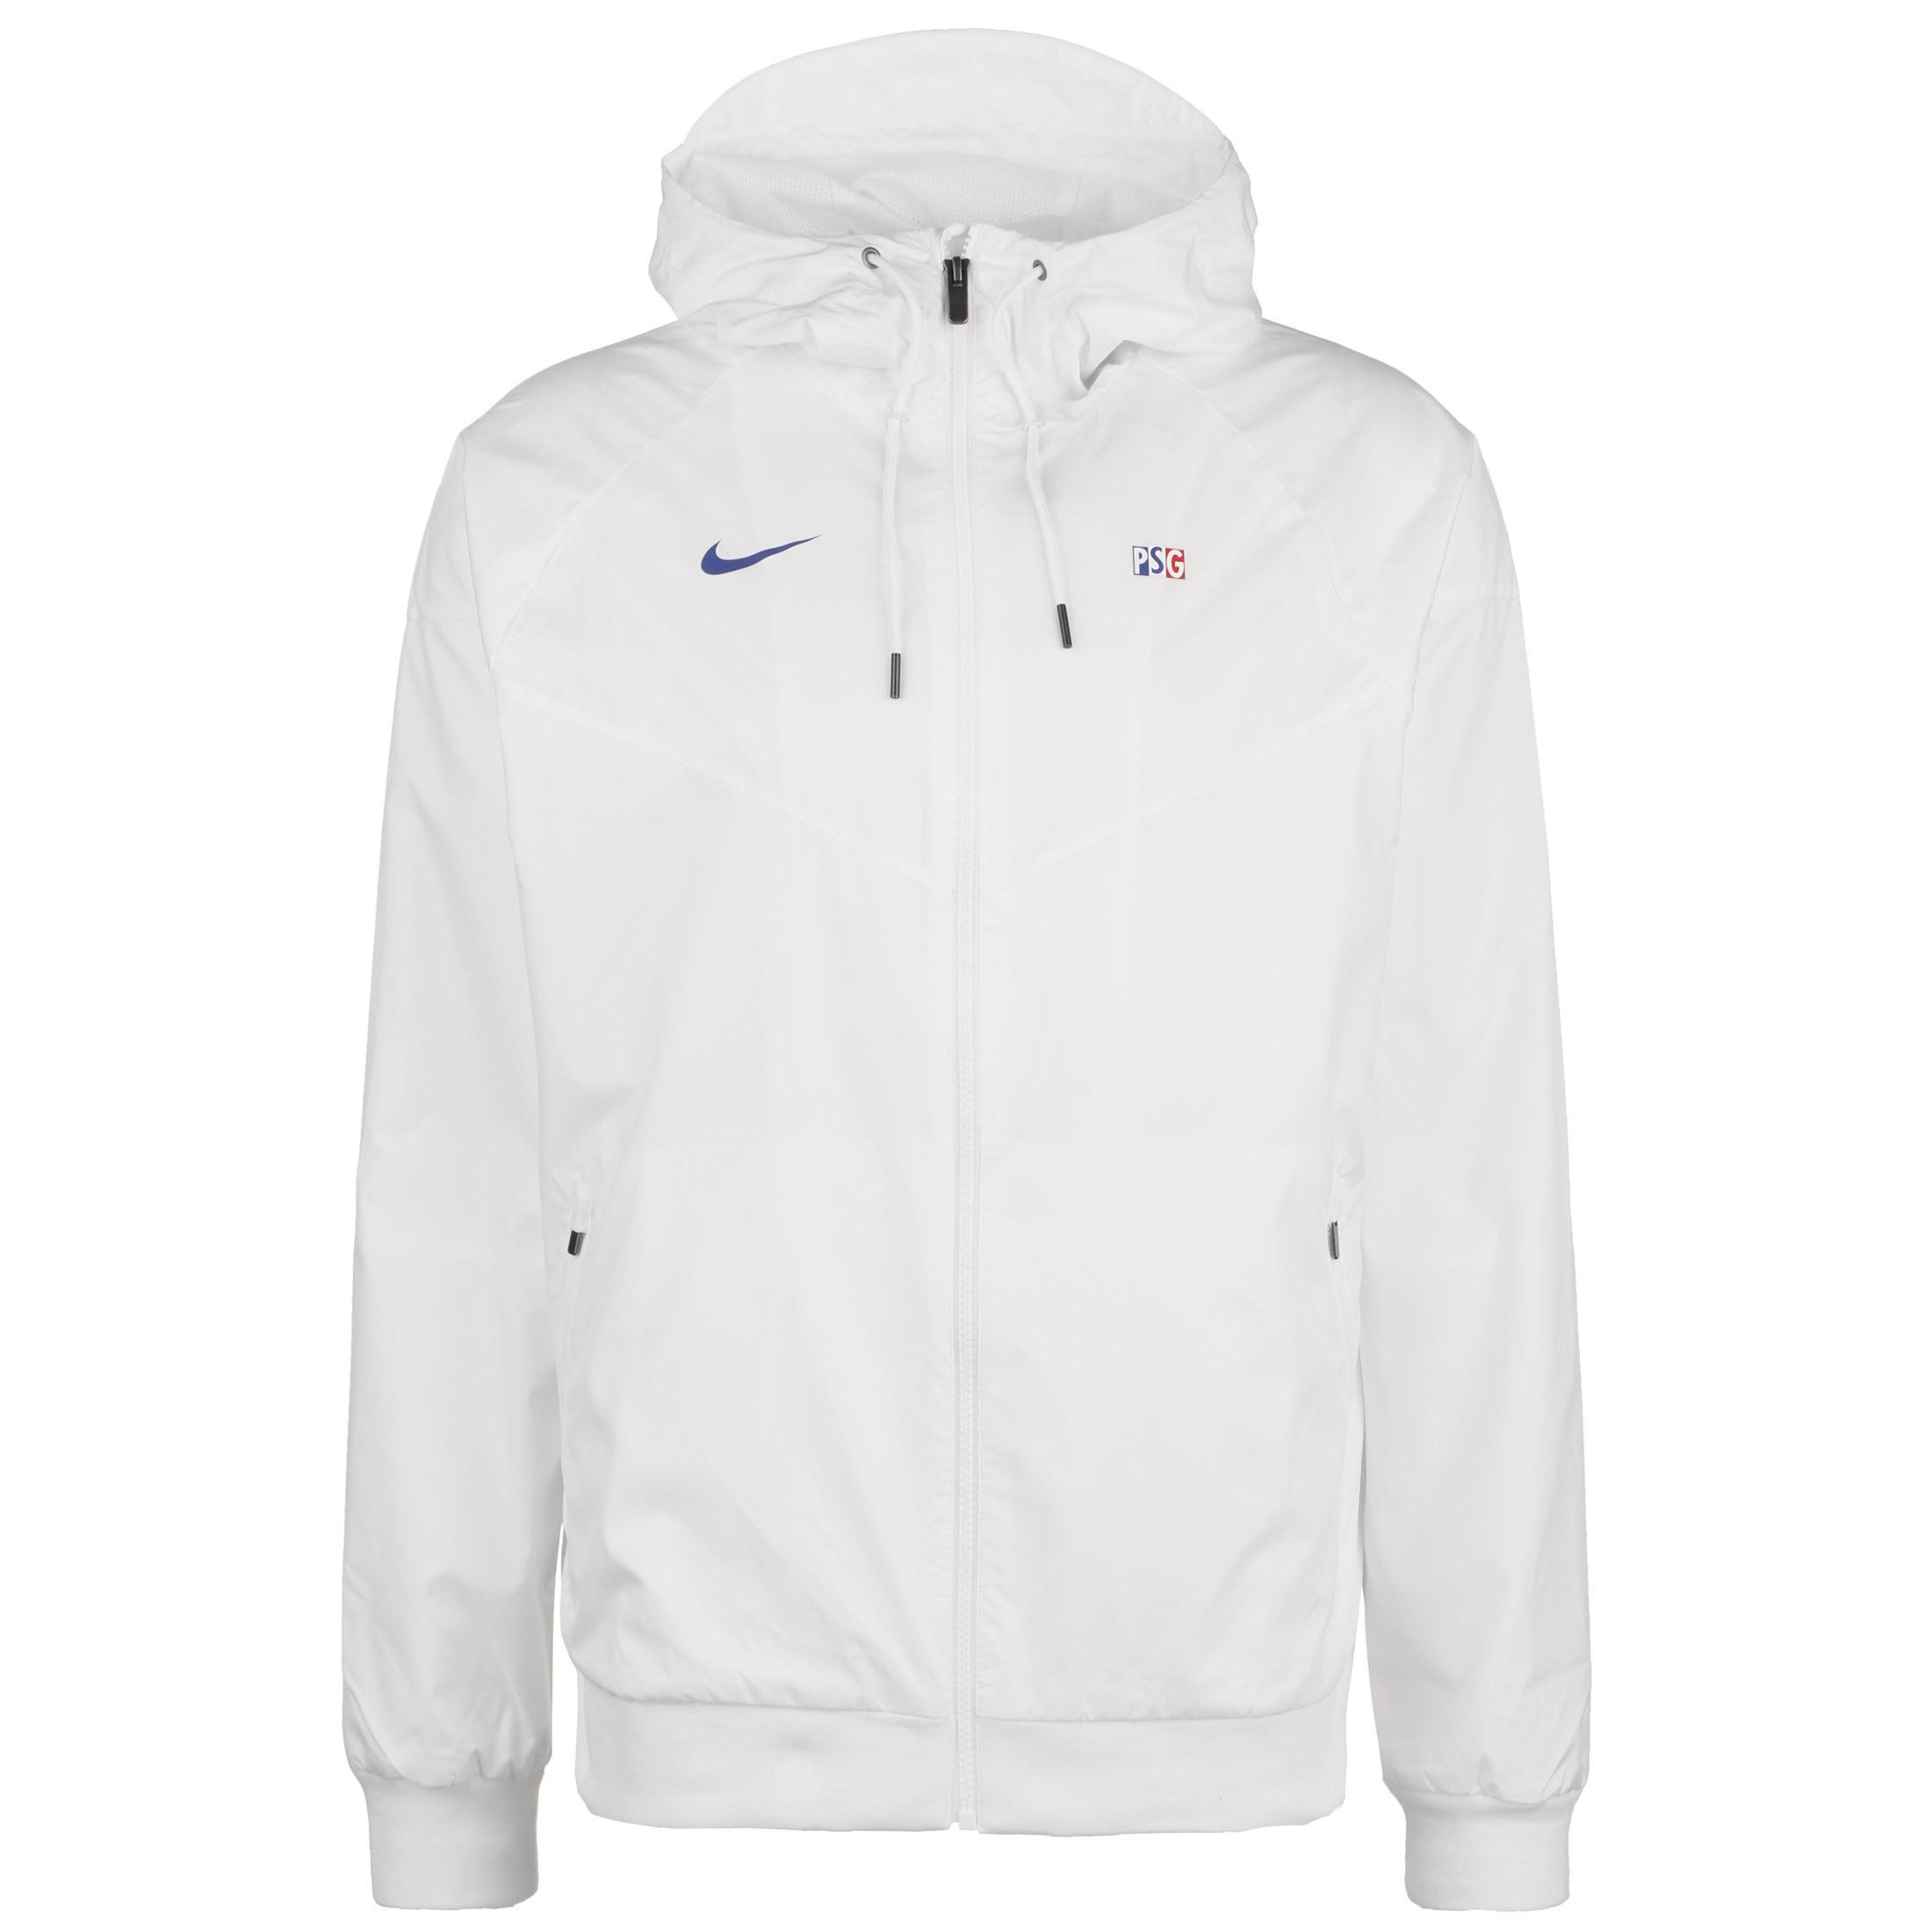 nike paris st germain authentic trainingsjacke herren weiss blau im online shop von sportscheck kaufen